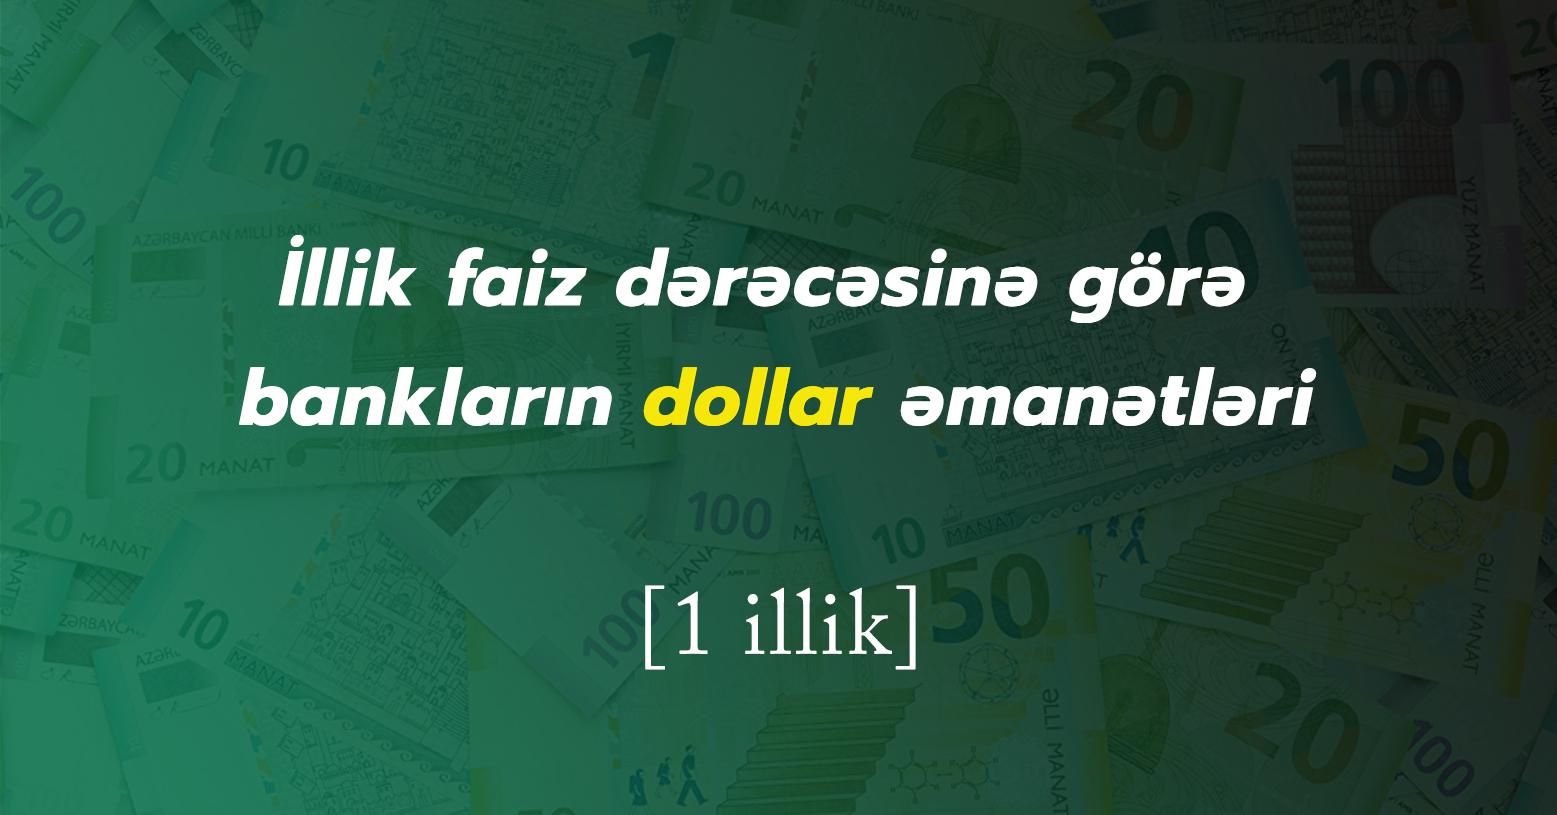 Dollar əmanəti hansı banklarda daha sərfəlidir? - İyul 2020